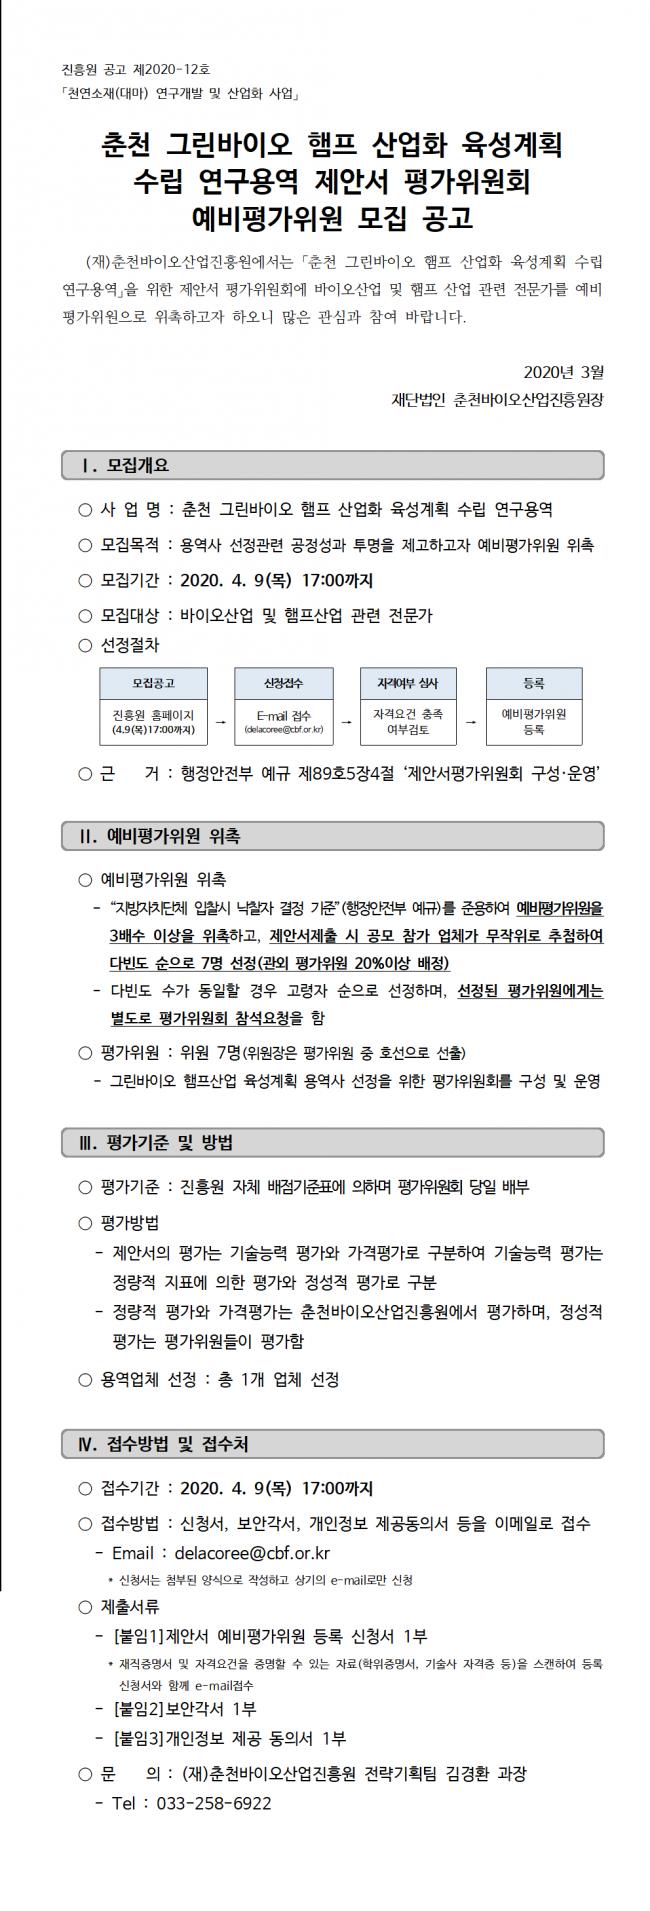 예비평가위원 모집 공고문.png